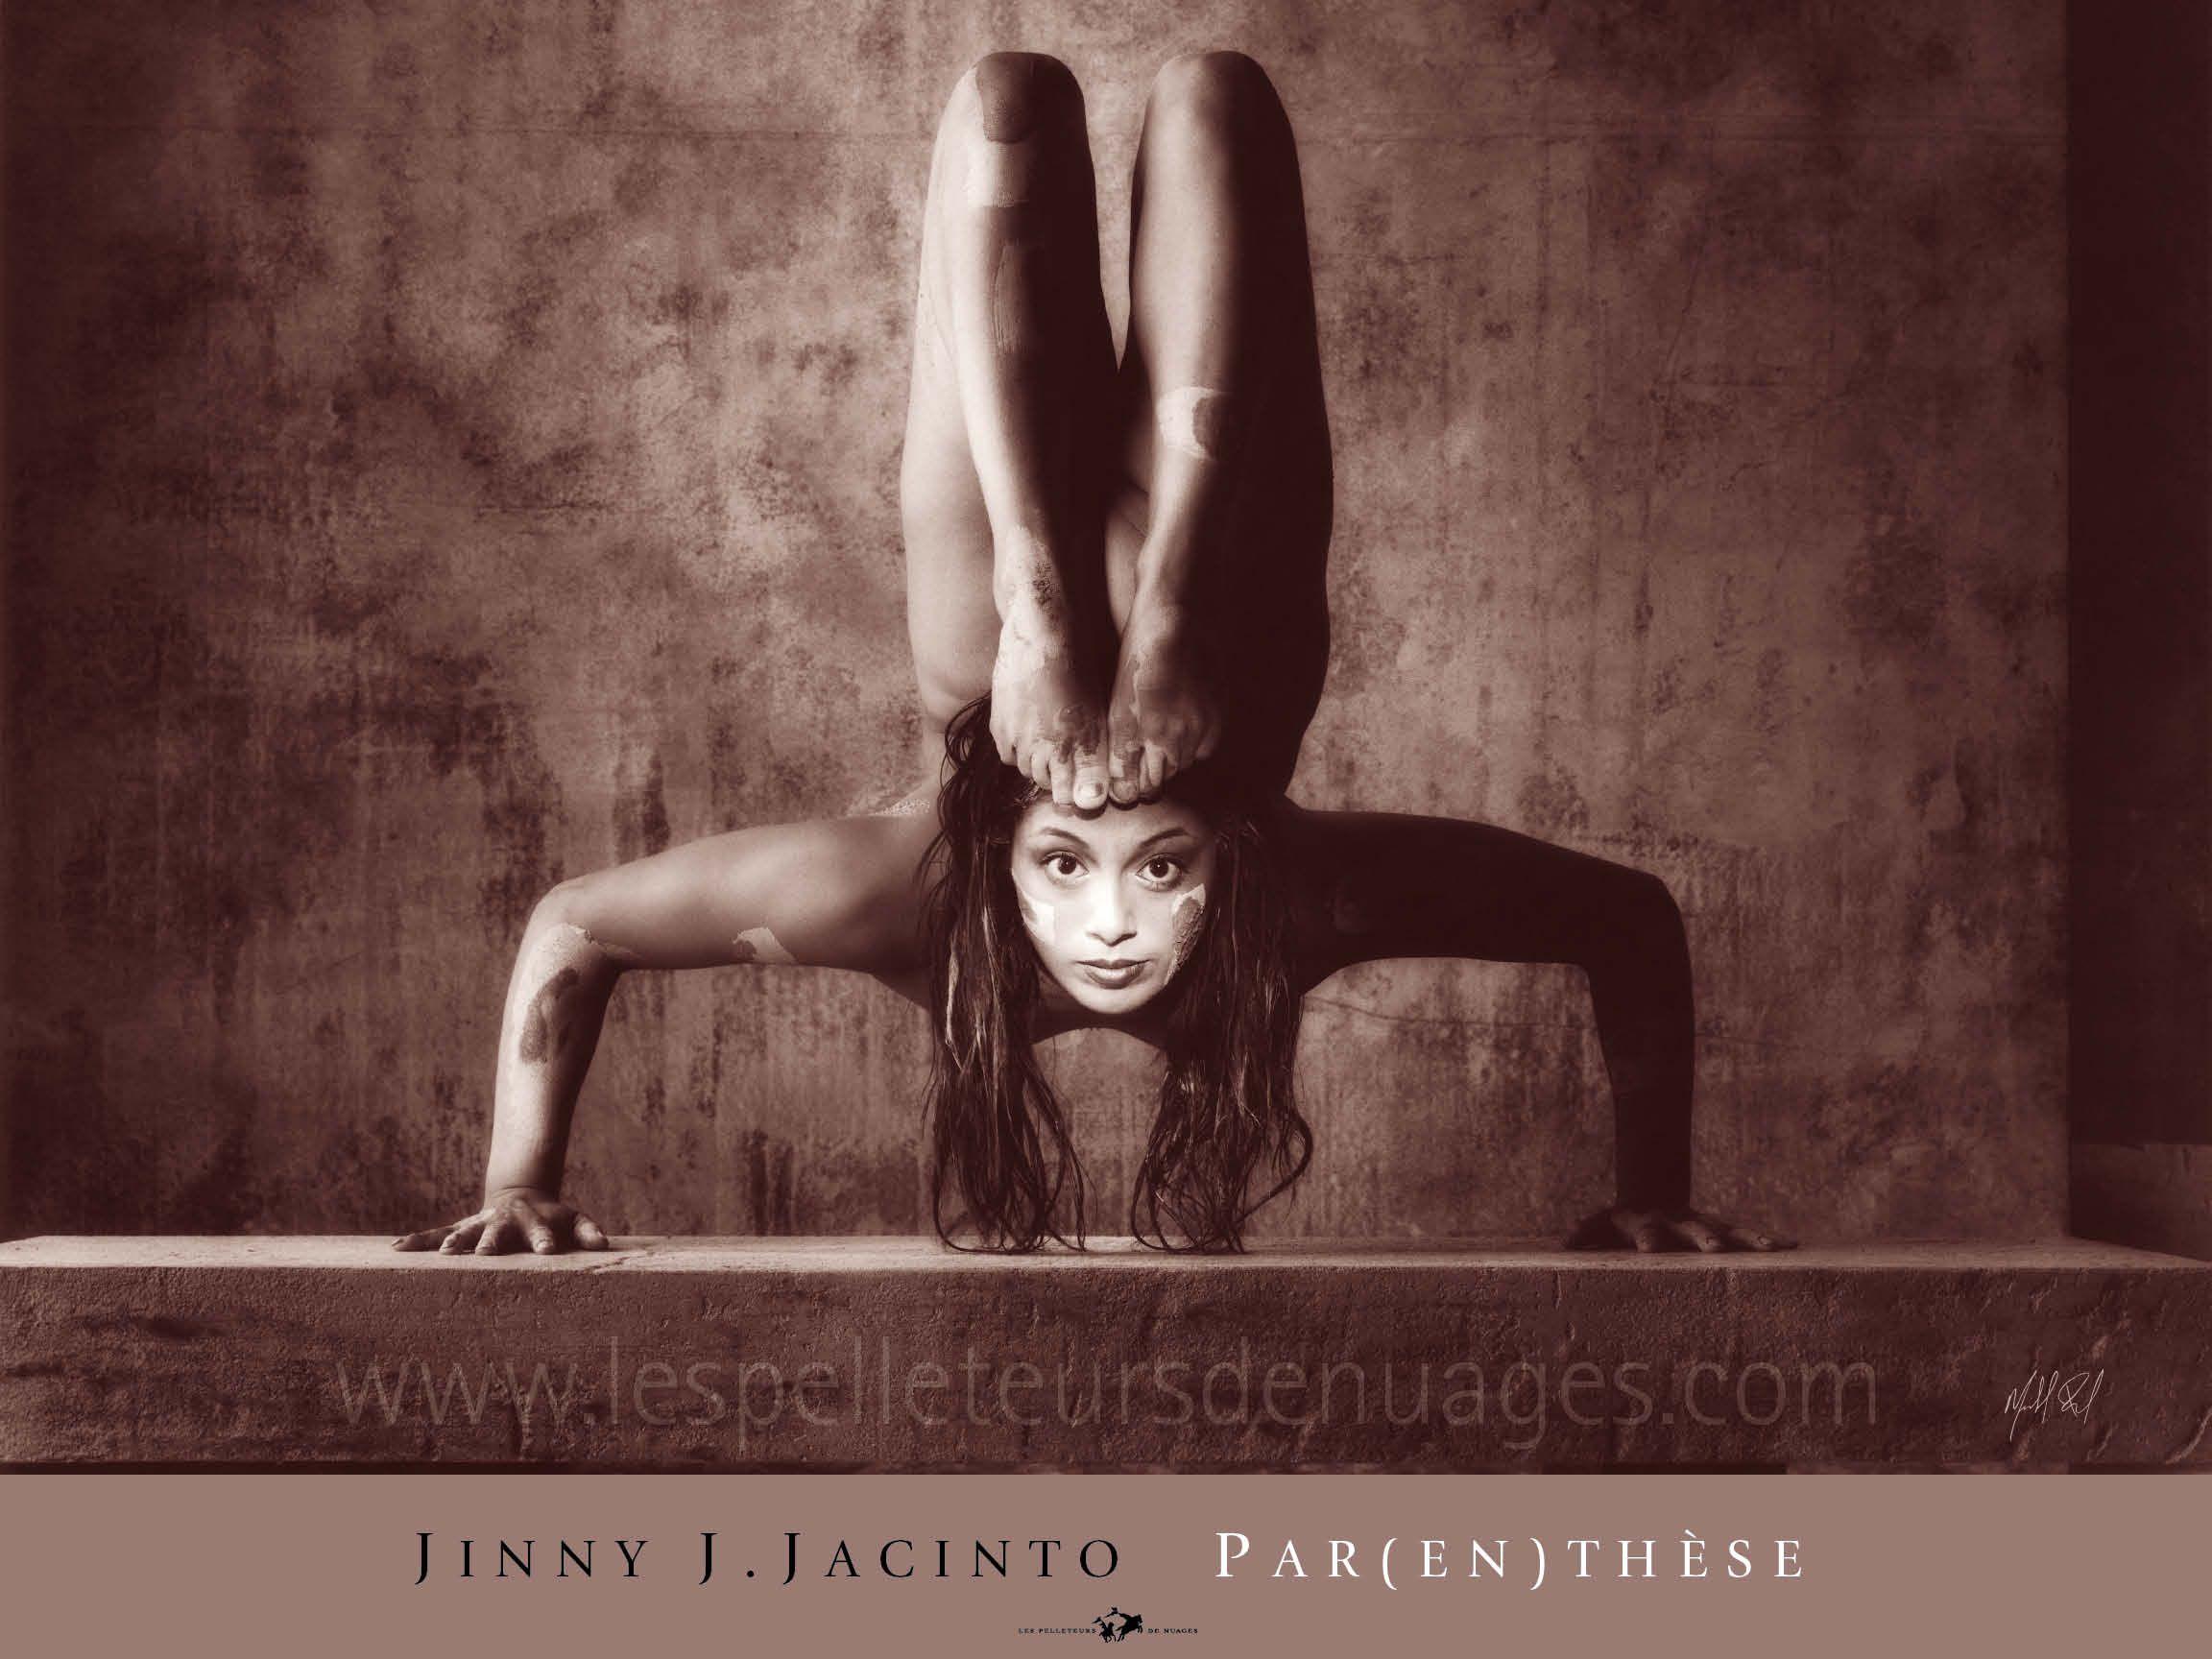 Jinny Jacinto